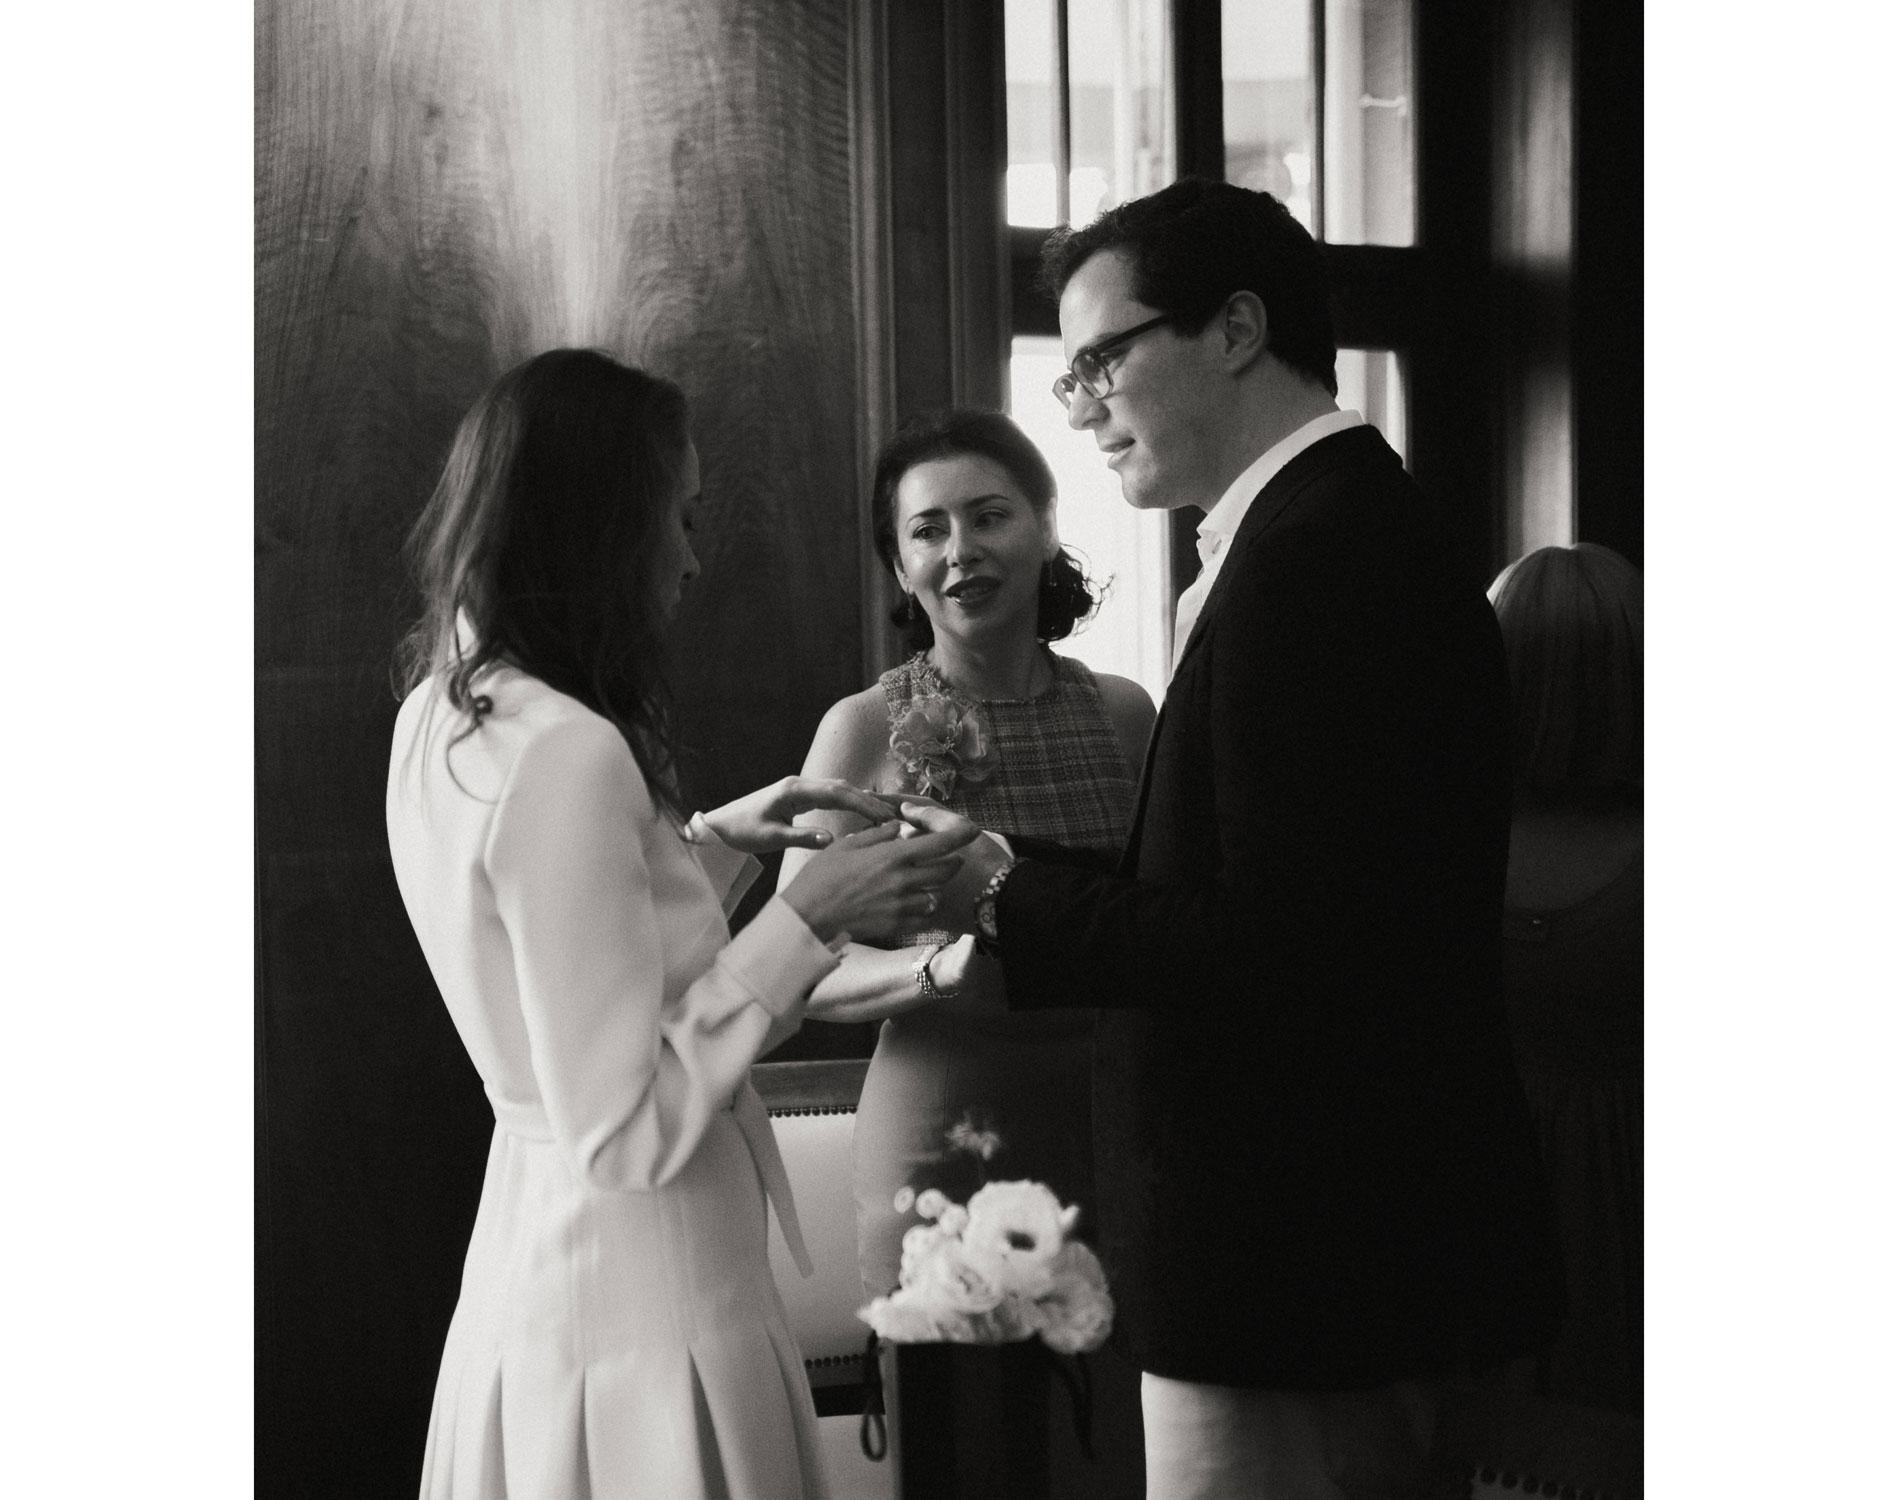 wedding_villa_meier_severini_004.jpg